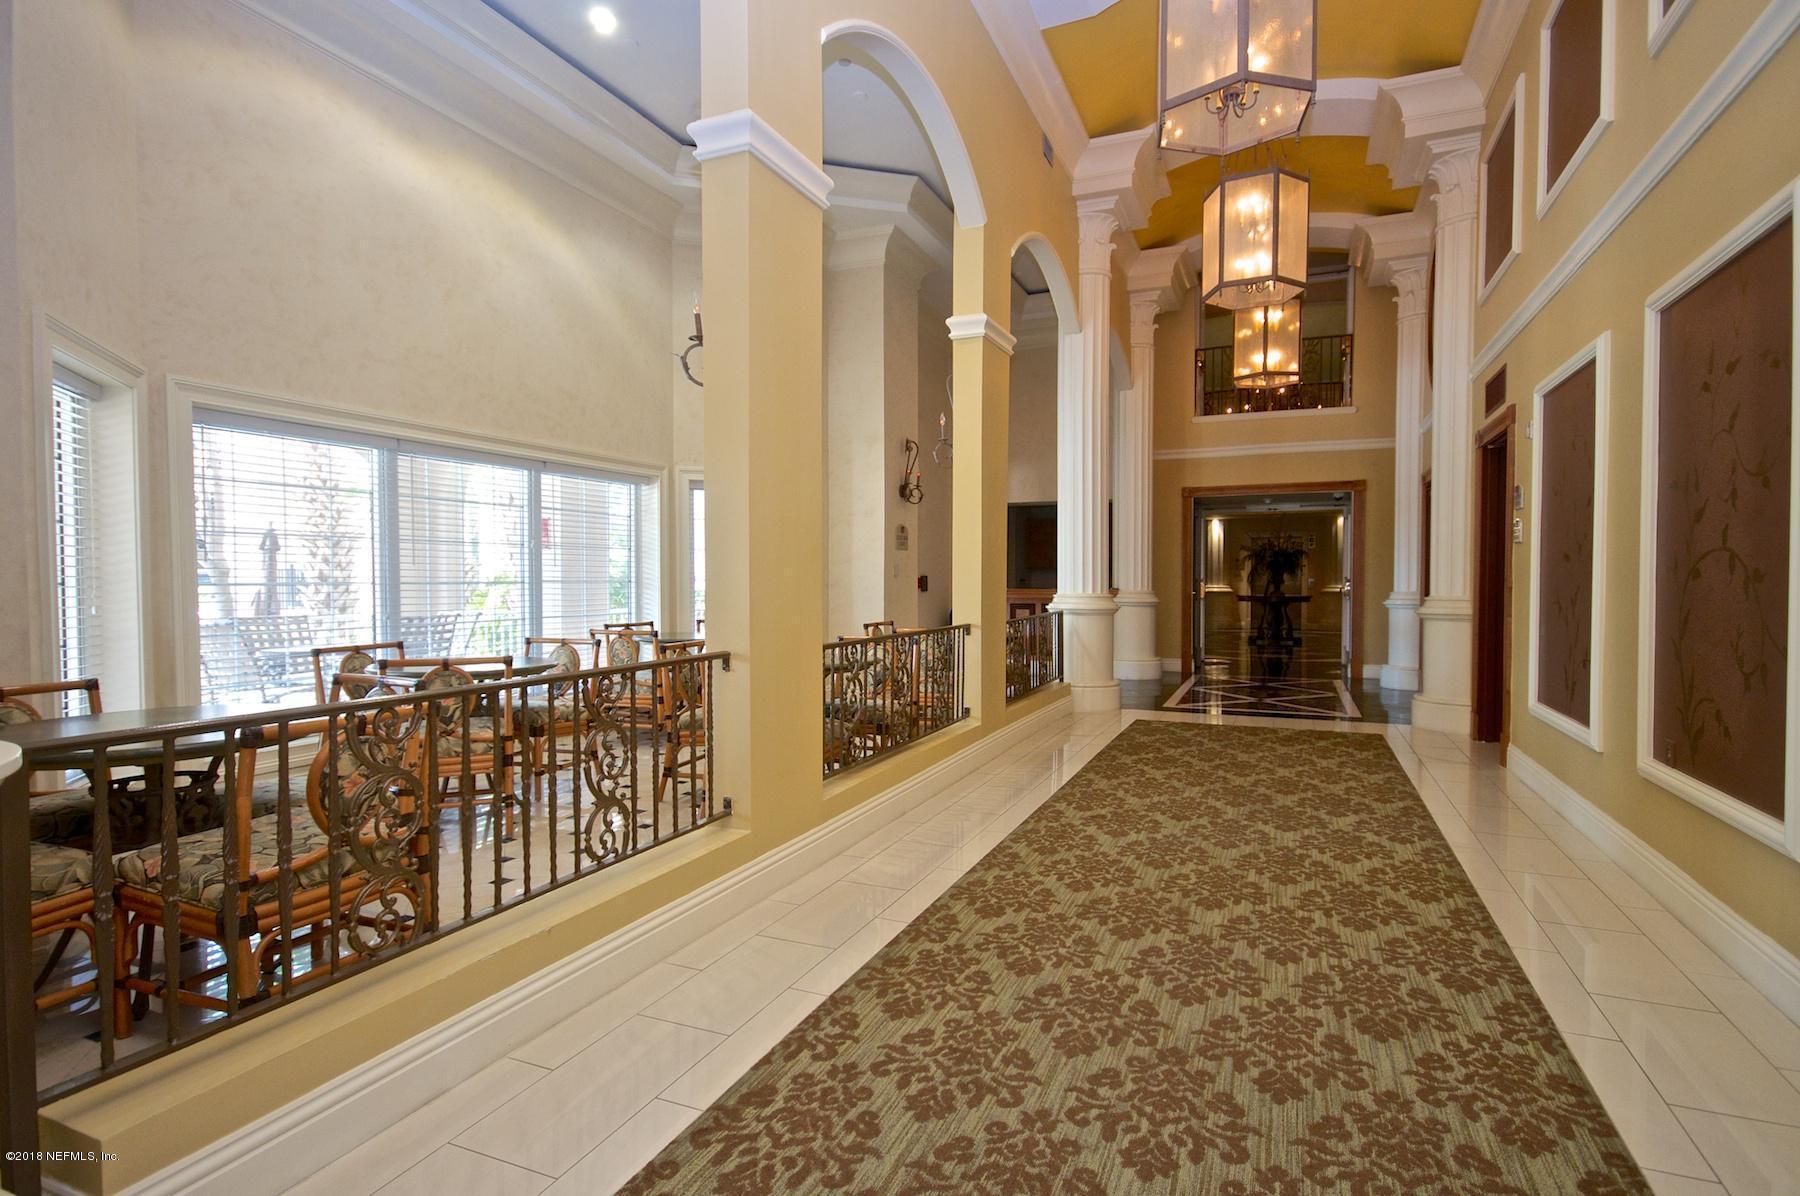 400 BAY- JACKSONVILLE- FLORIDA 32202, 2 Bedrooms Bedrooms, ,2 BathroomsBathrooms,Condo,For sale,BAY,1000229